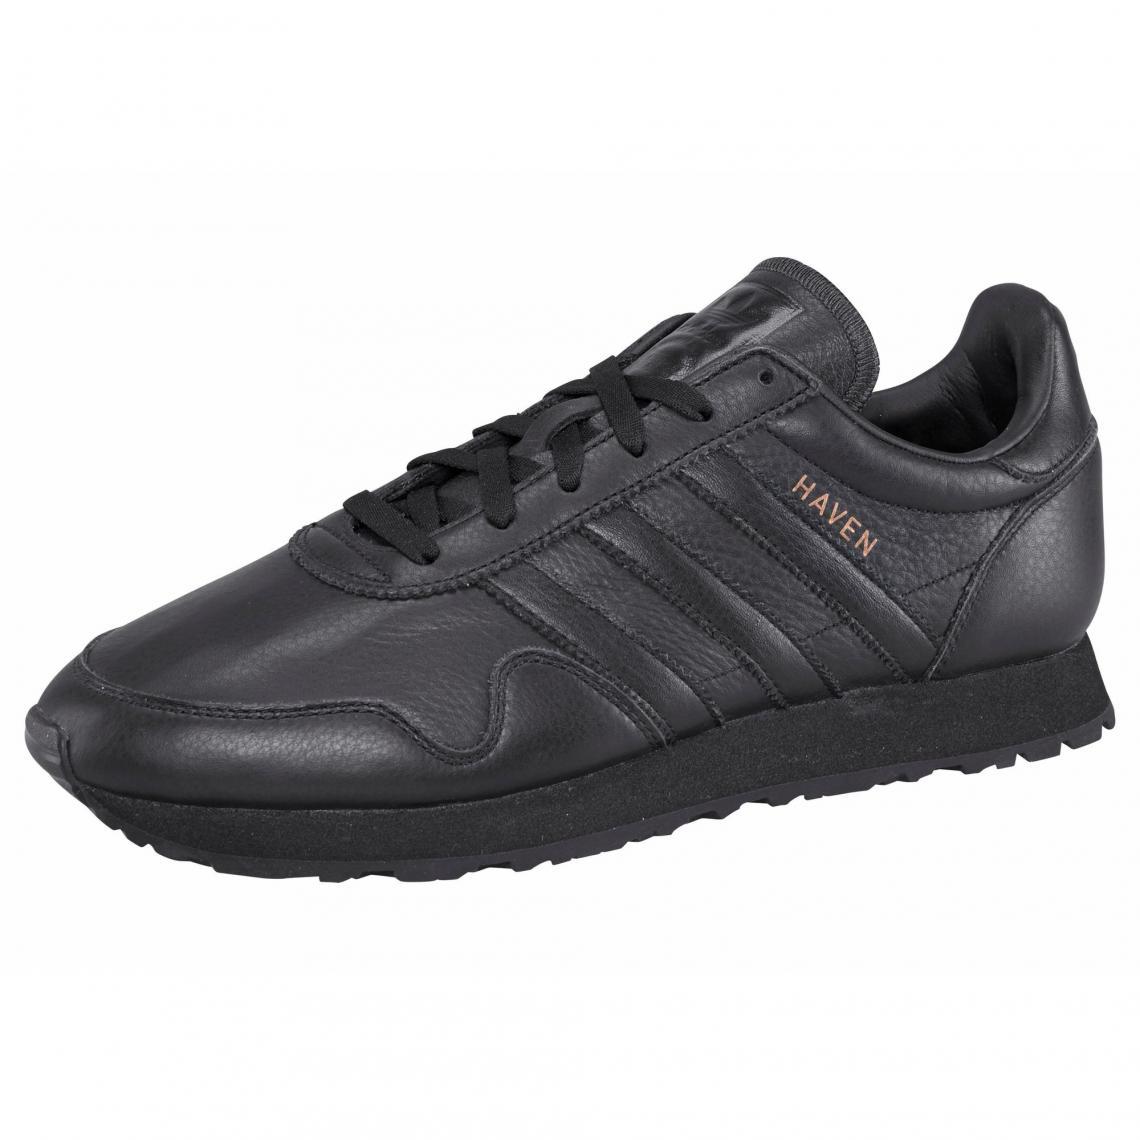 buy popular 88785 febe0 adidas Originals Haven sneakers homme - Noir Adidas Originals Homme